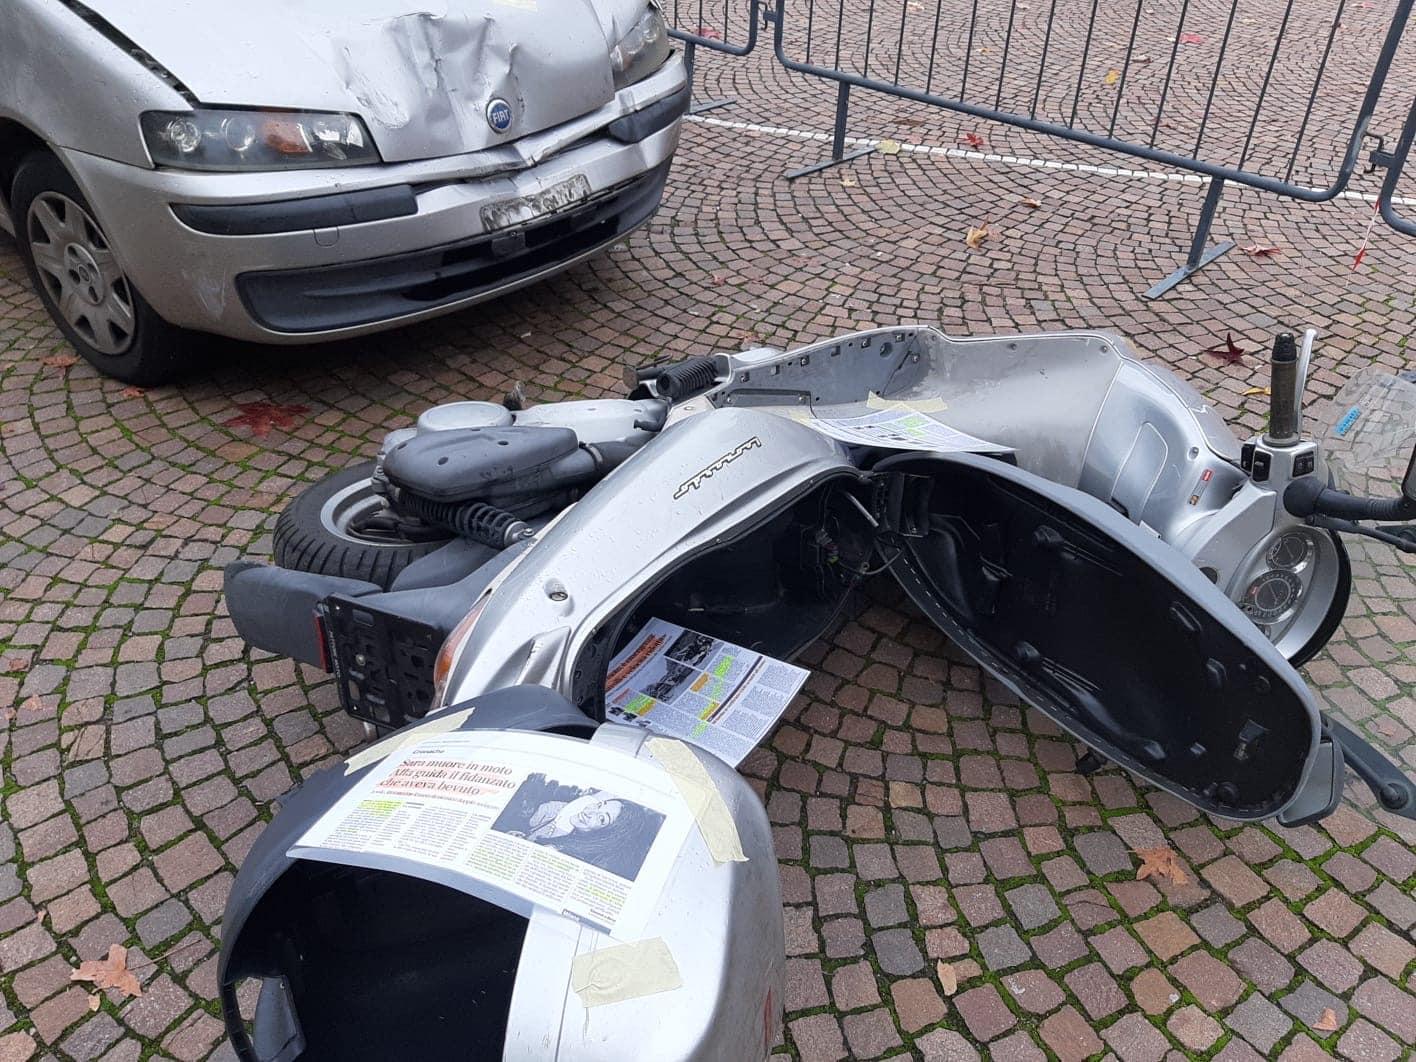 Giornata Mondiale Ricordo Vittime Strada – La simulazione di uno scontro stradale per riflettere